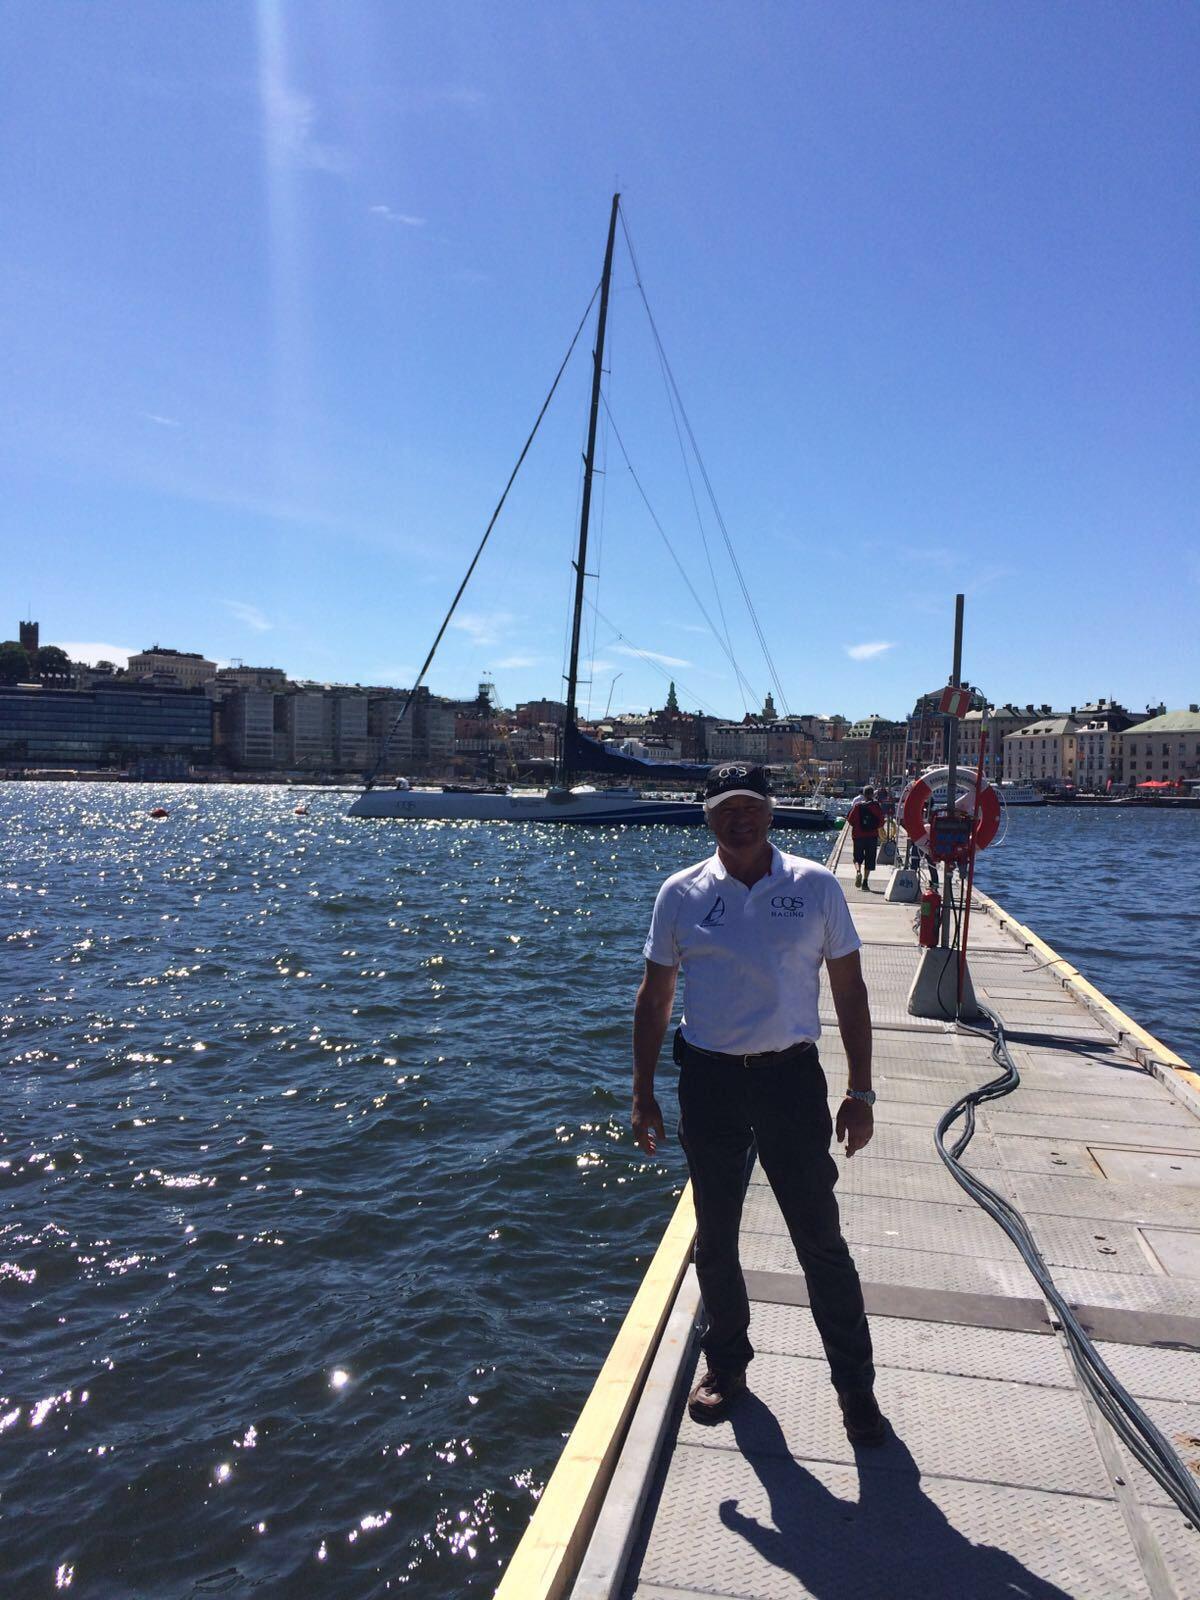 Stockholm, Sweden ahead of the AF Gotland Runt Race 2017